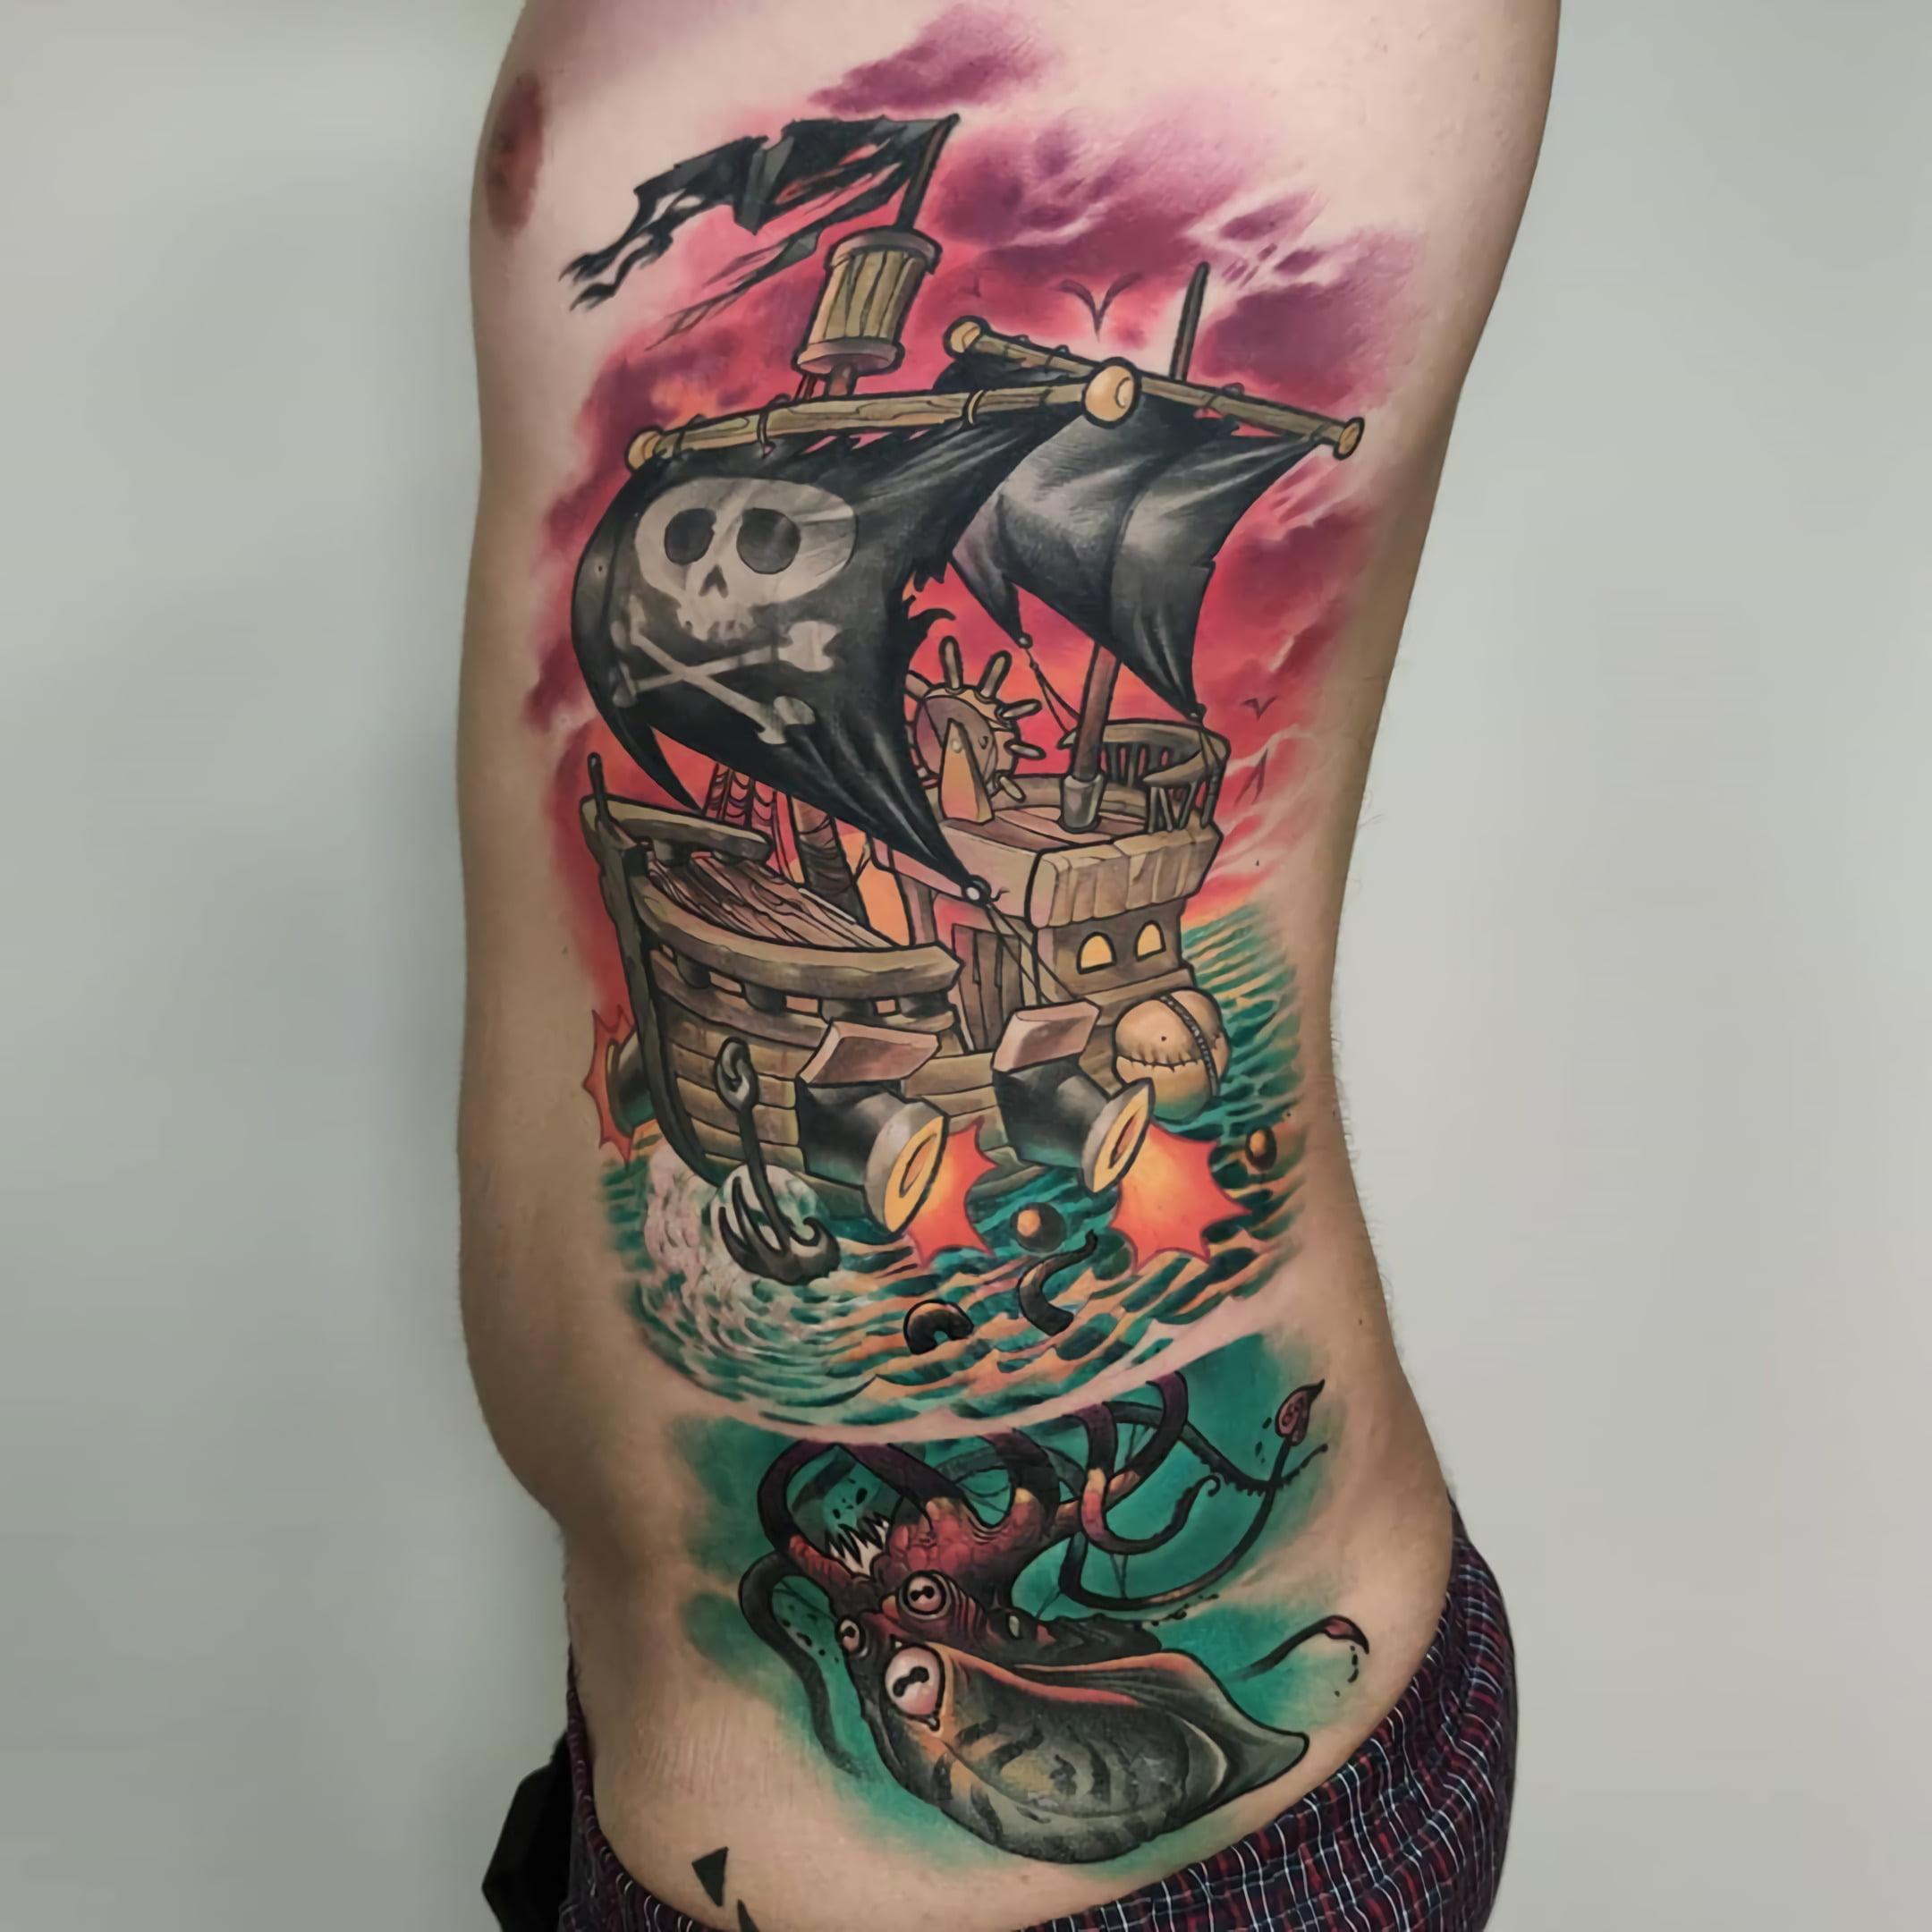 татуирвока на ребрах в стиле пиратов